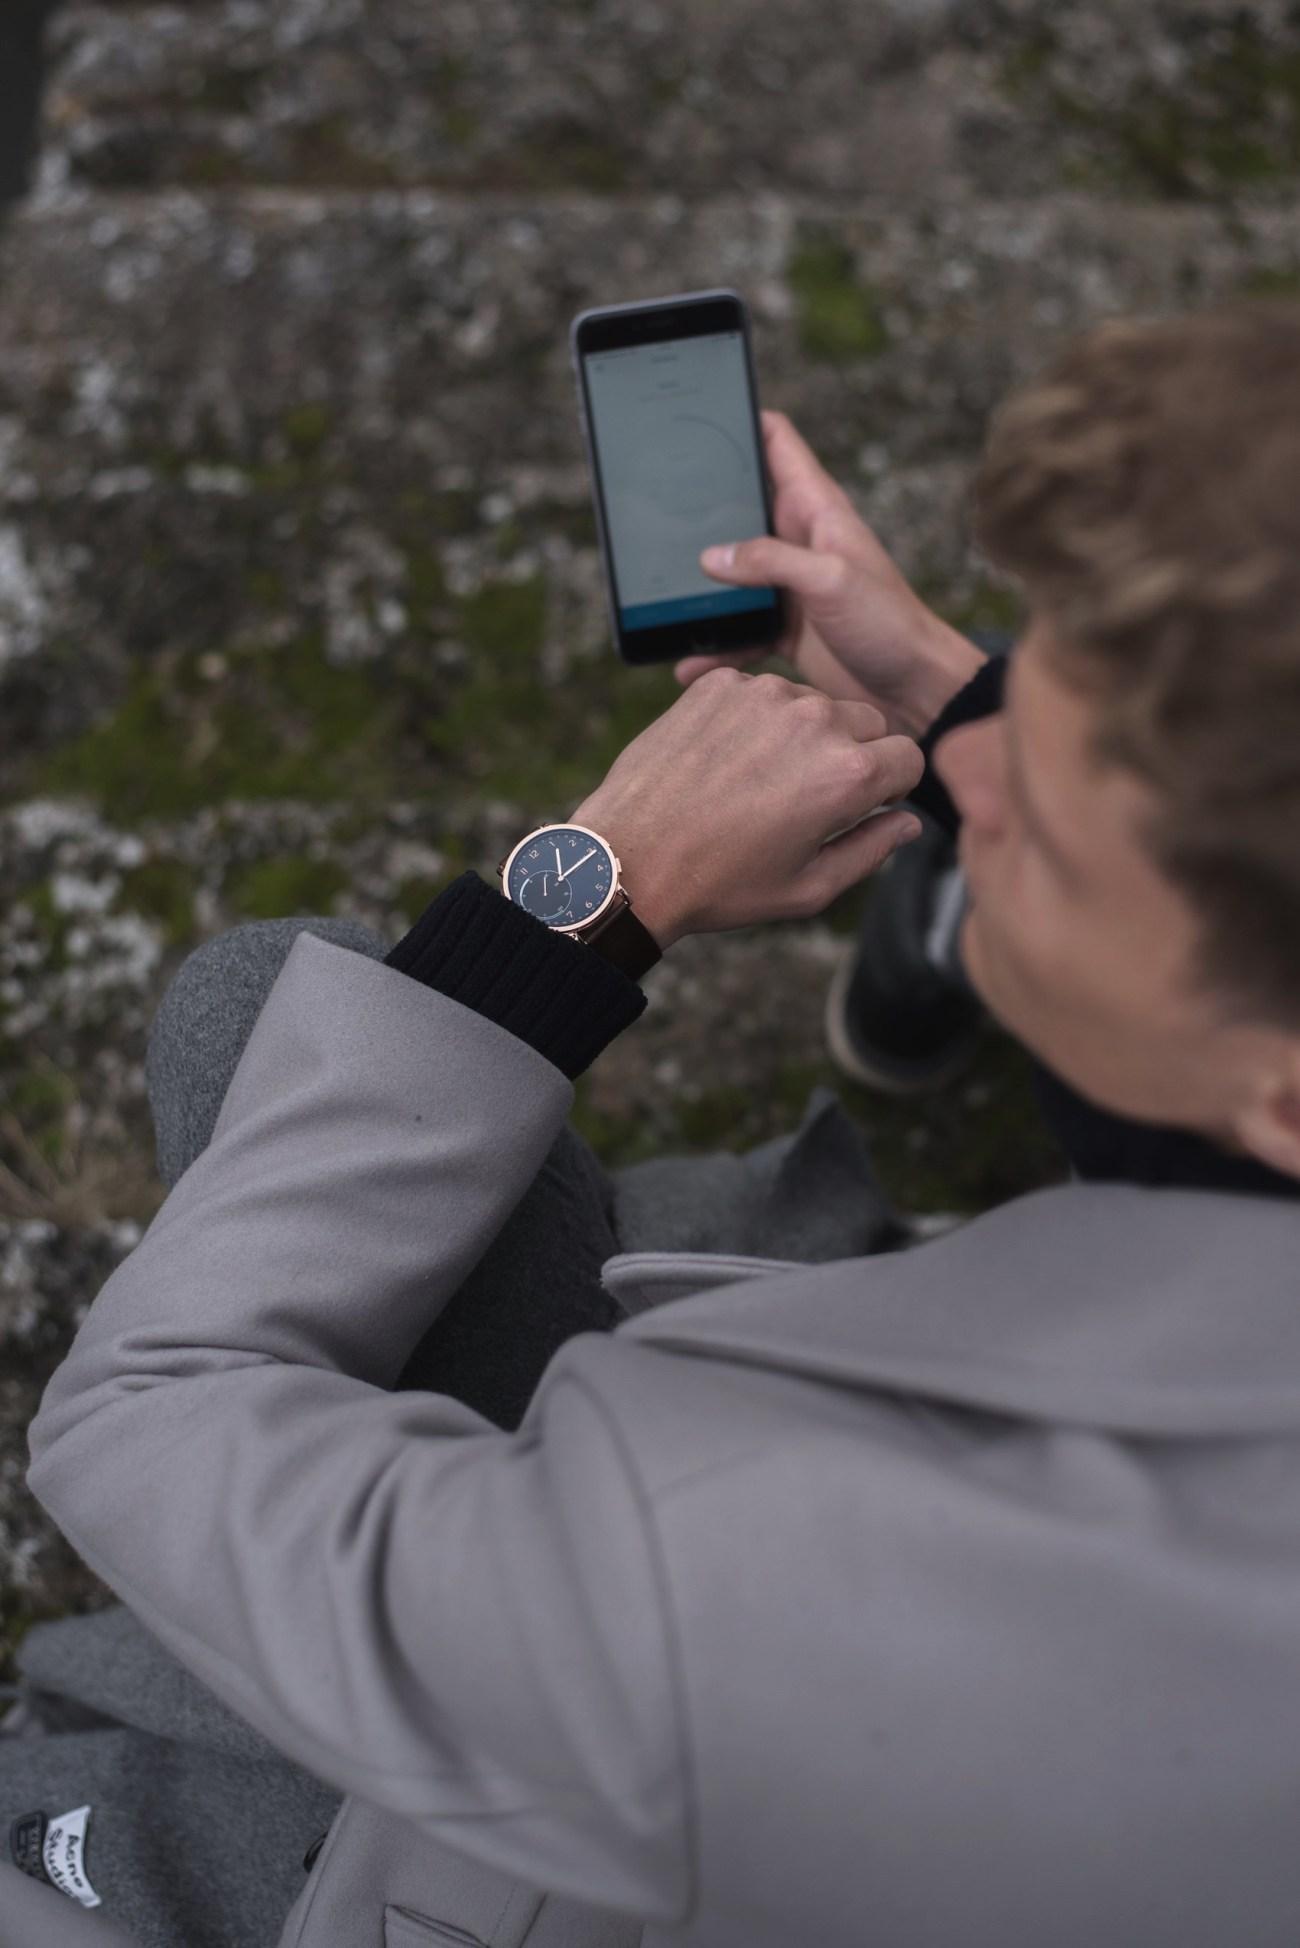 patkahlo deutscher männer fashion blog aus münchen skagen connected smart watch 11